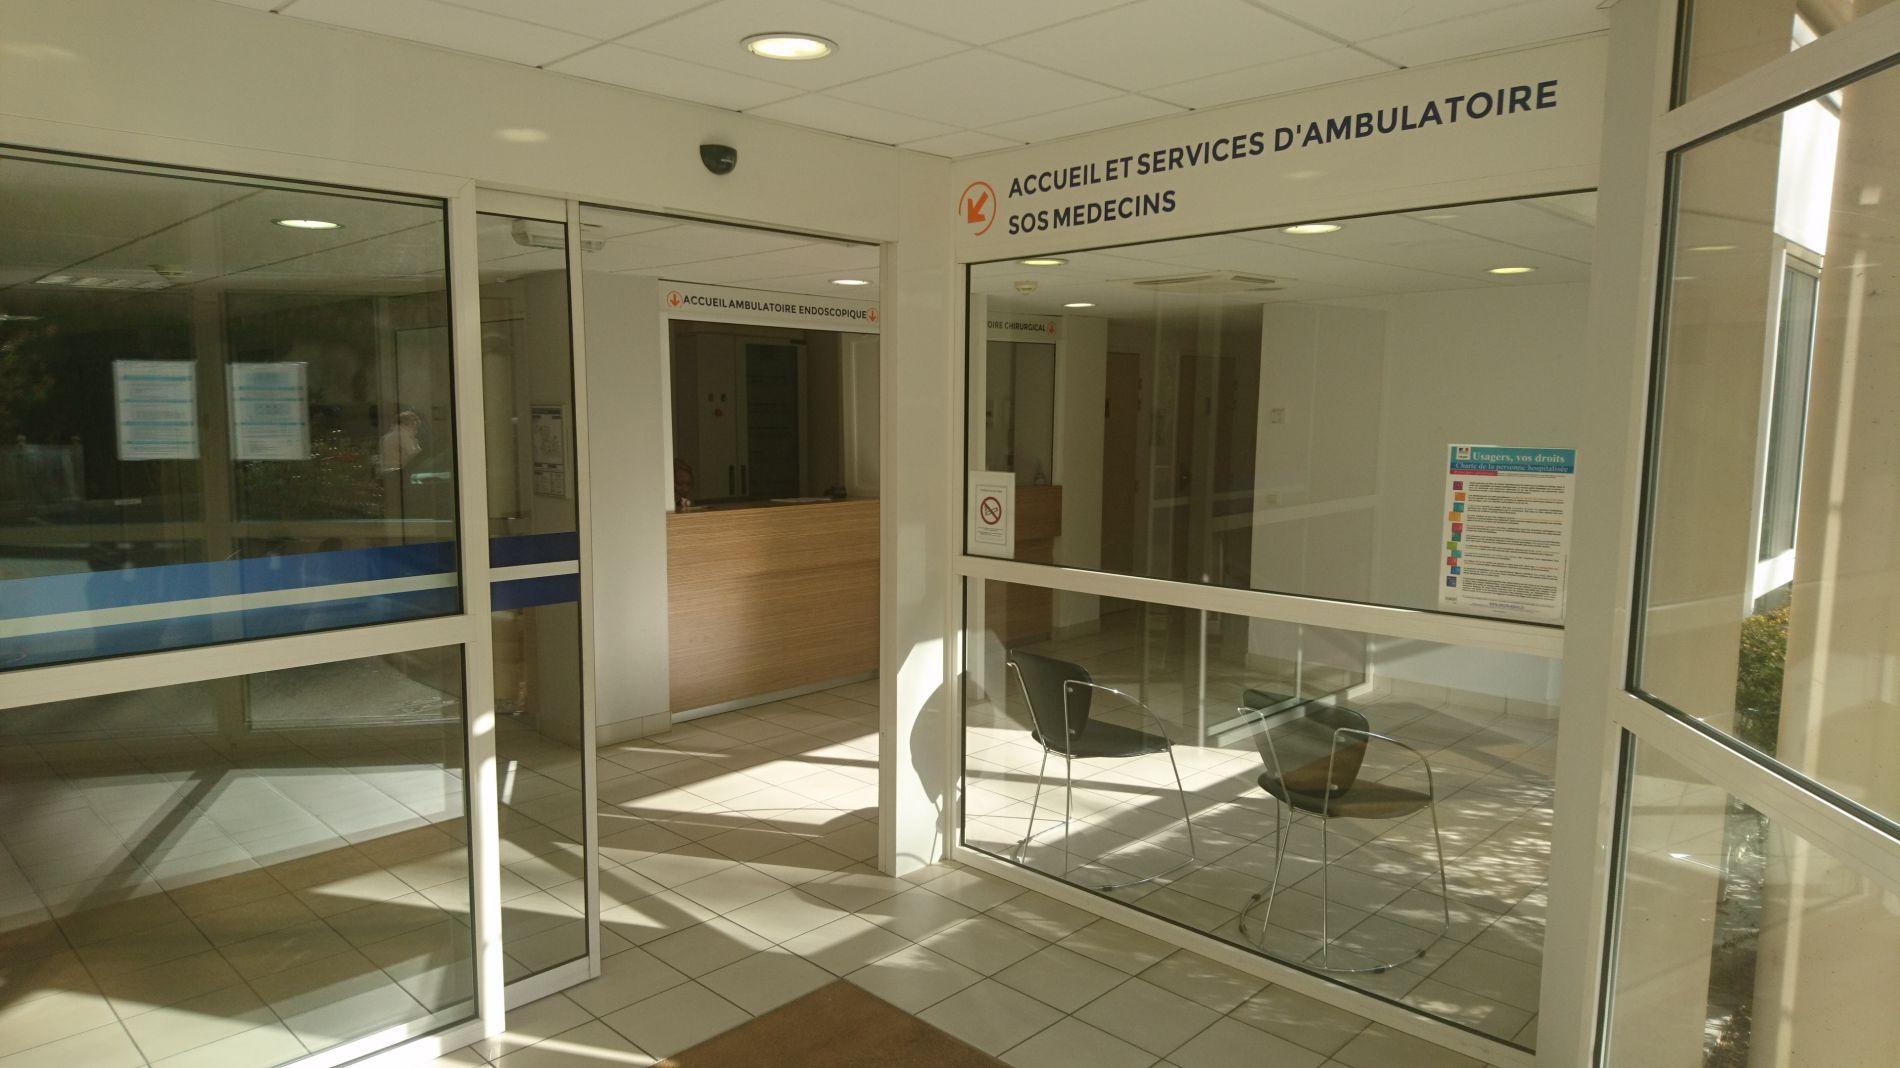 Nouvel accueil d'ambulatoire